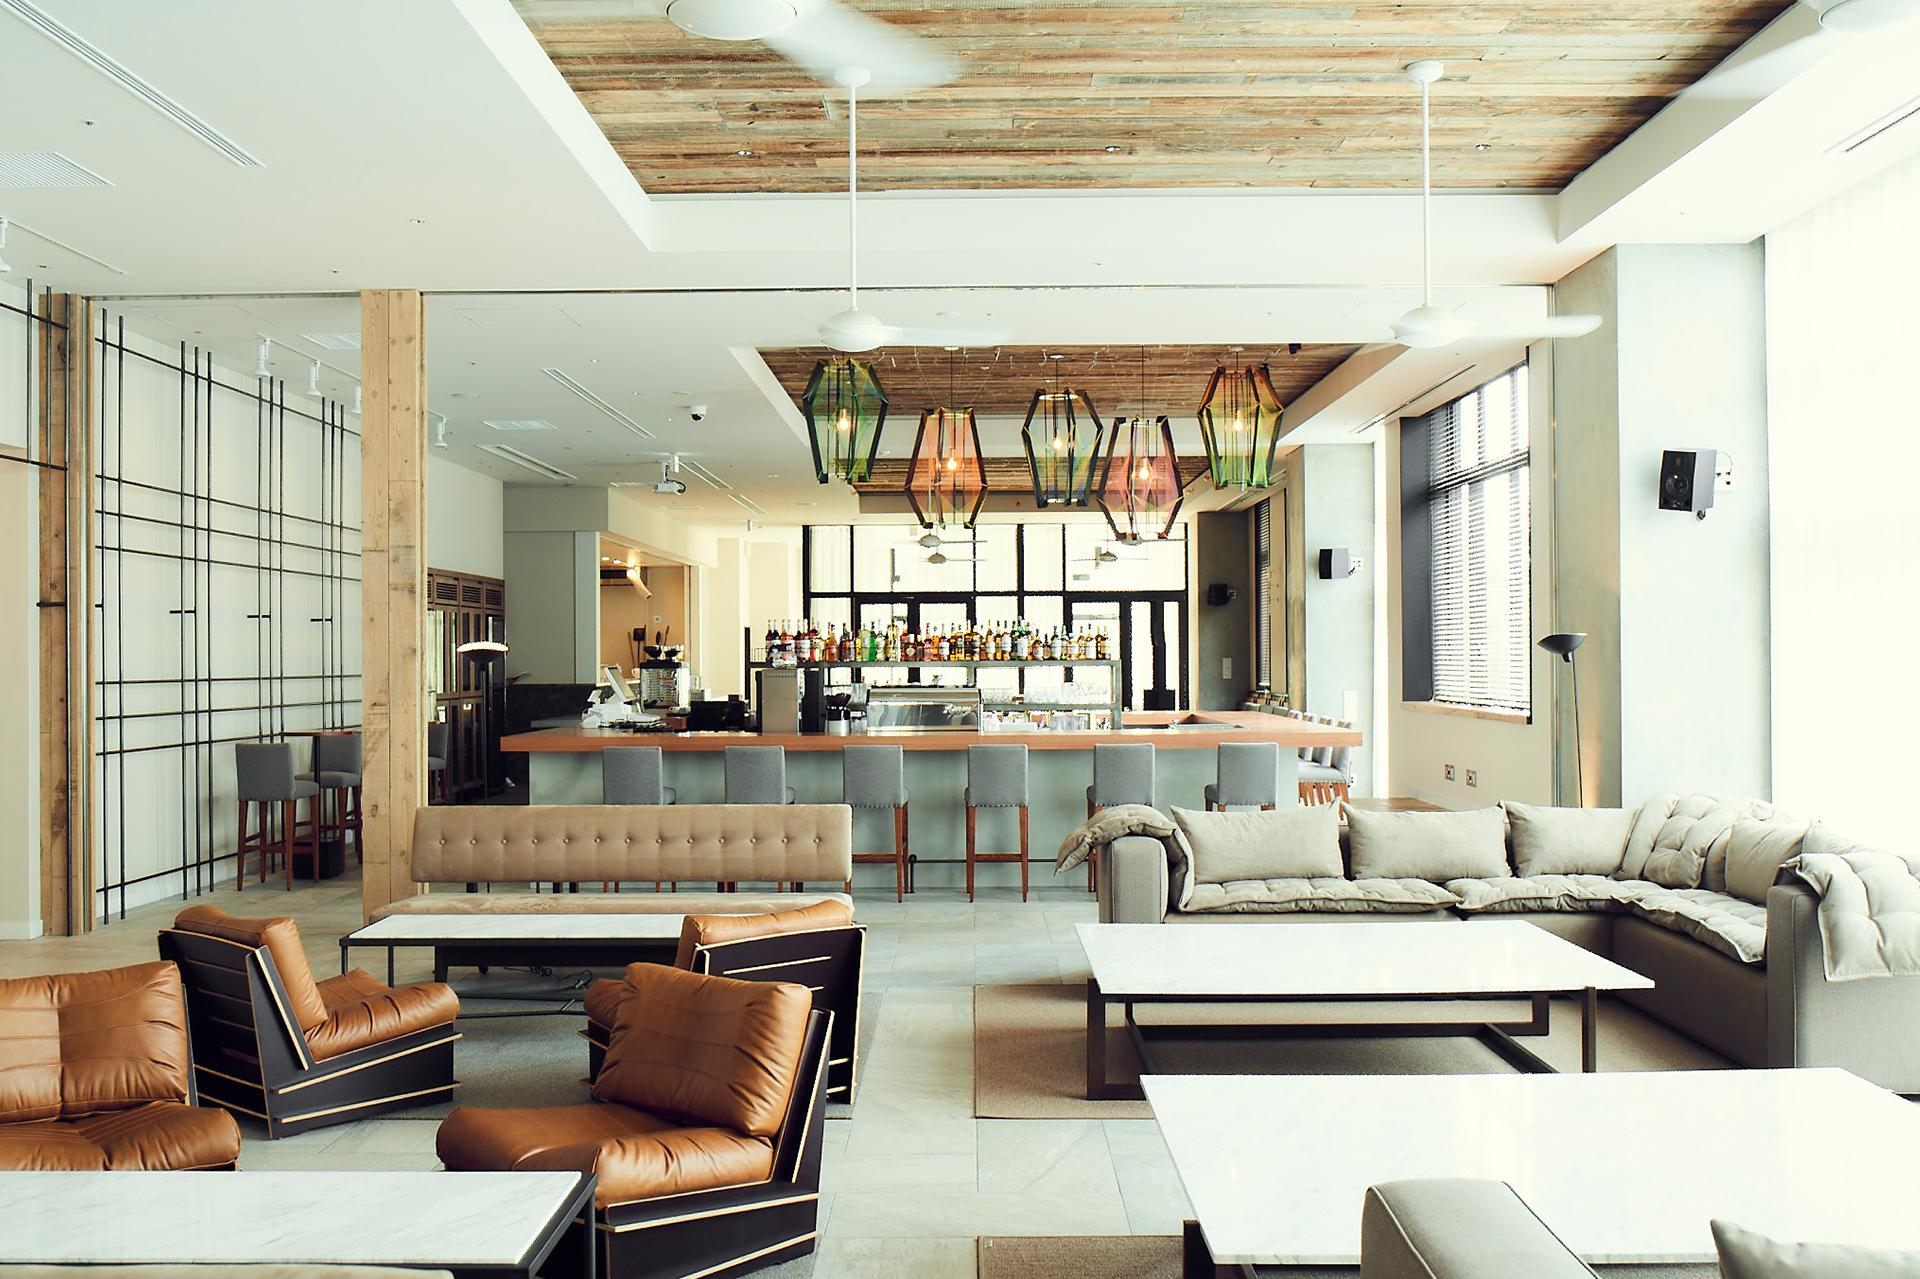 ACCOMMODATION BRAND hotel it. osaka shinmachi